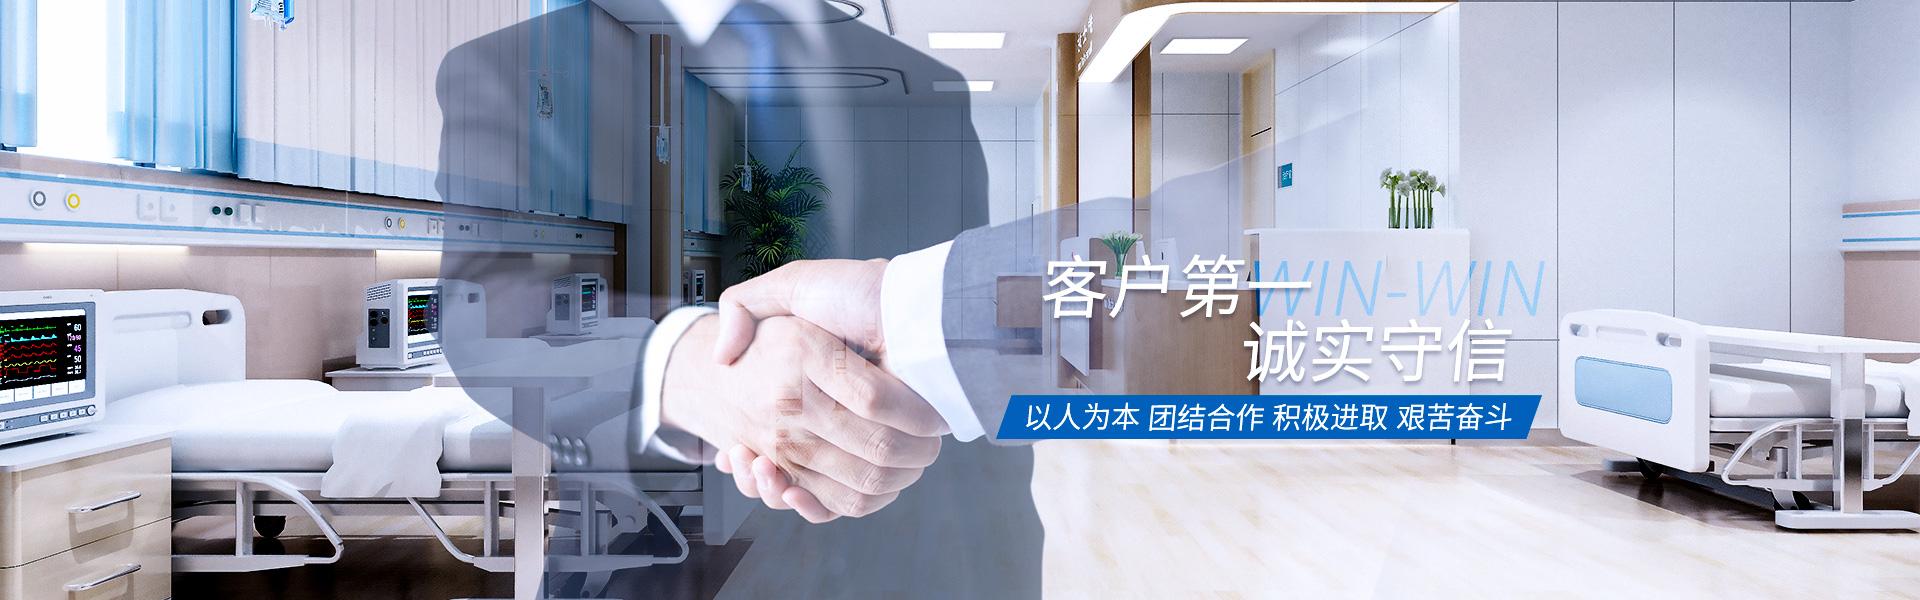 深圳市格陽醫療科技有限公司